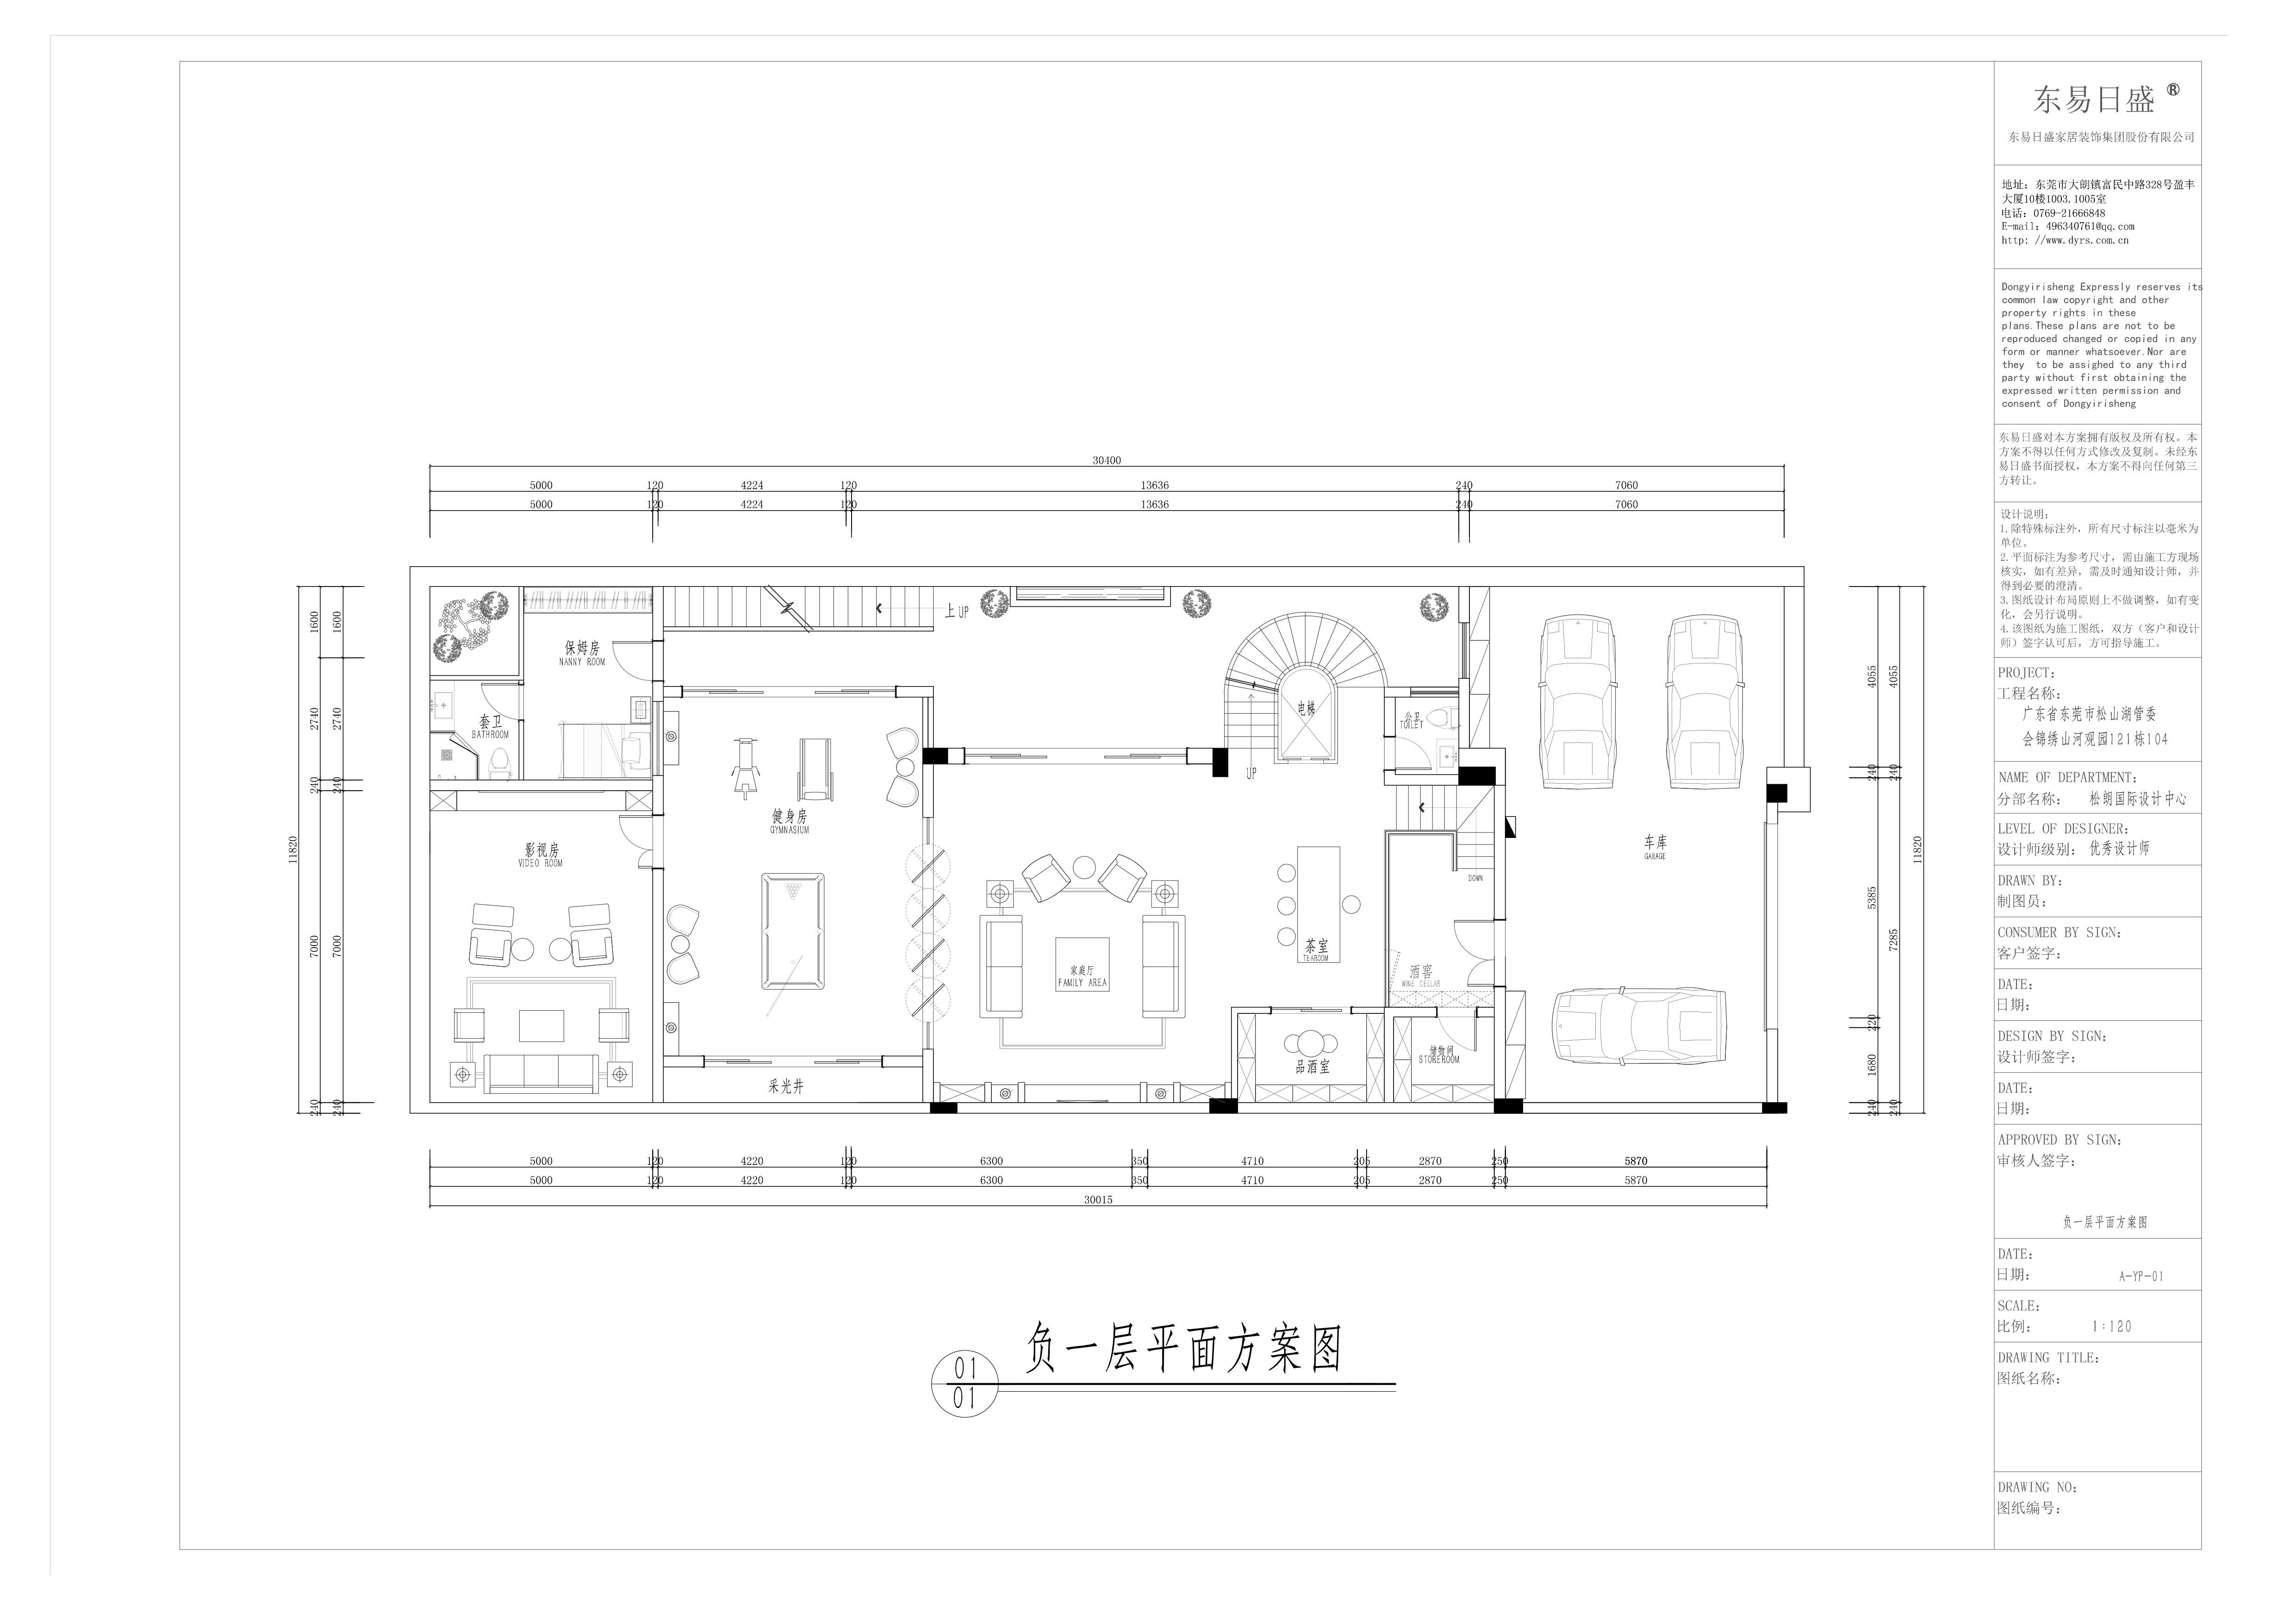 松山湖锦绣山河观园装修案例-730㎡轻奢欧式别墅装修效果图装修设计理念